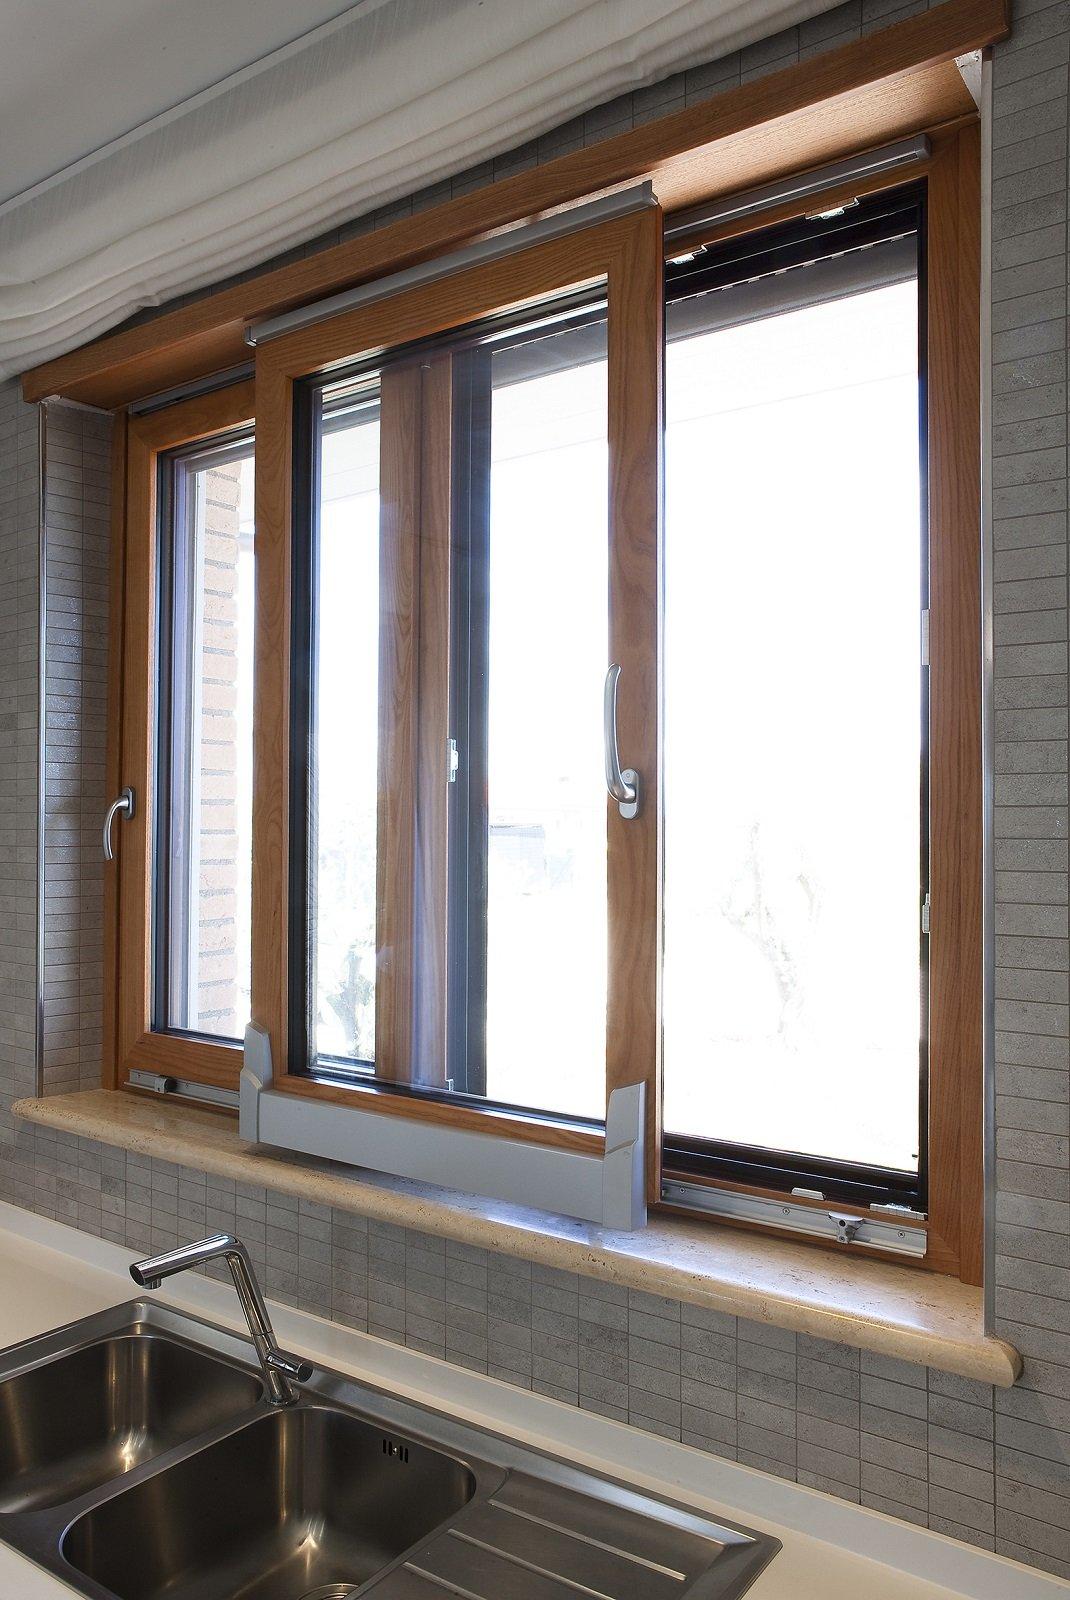 Finestre con ridotti profili per tanta luminosit nell 39 ambiente - Pulizia interna termosifoni alluminio ...